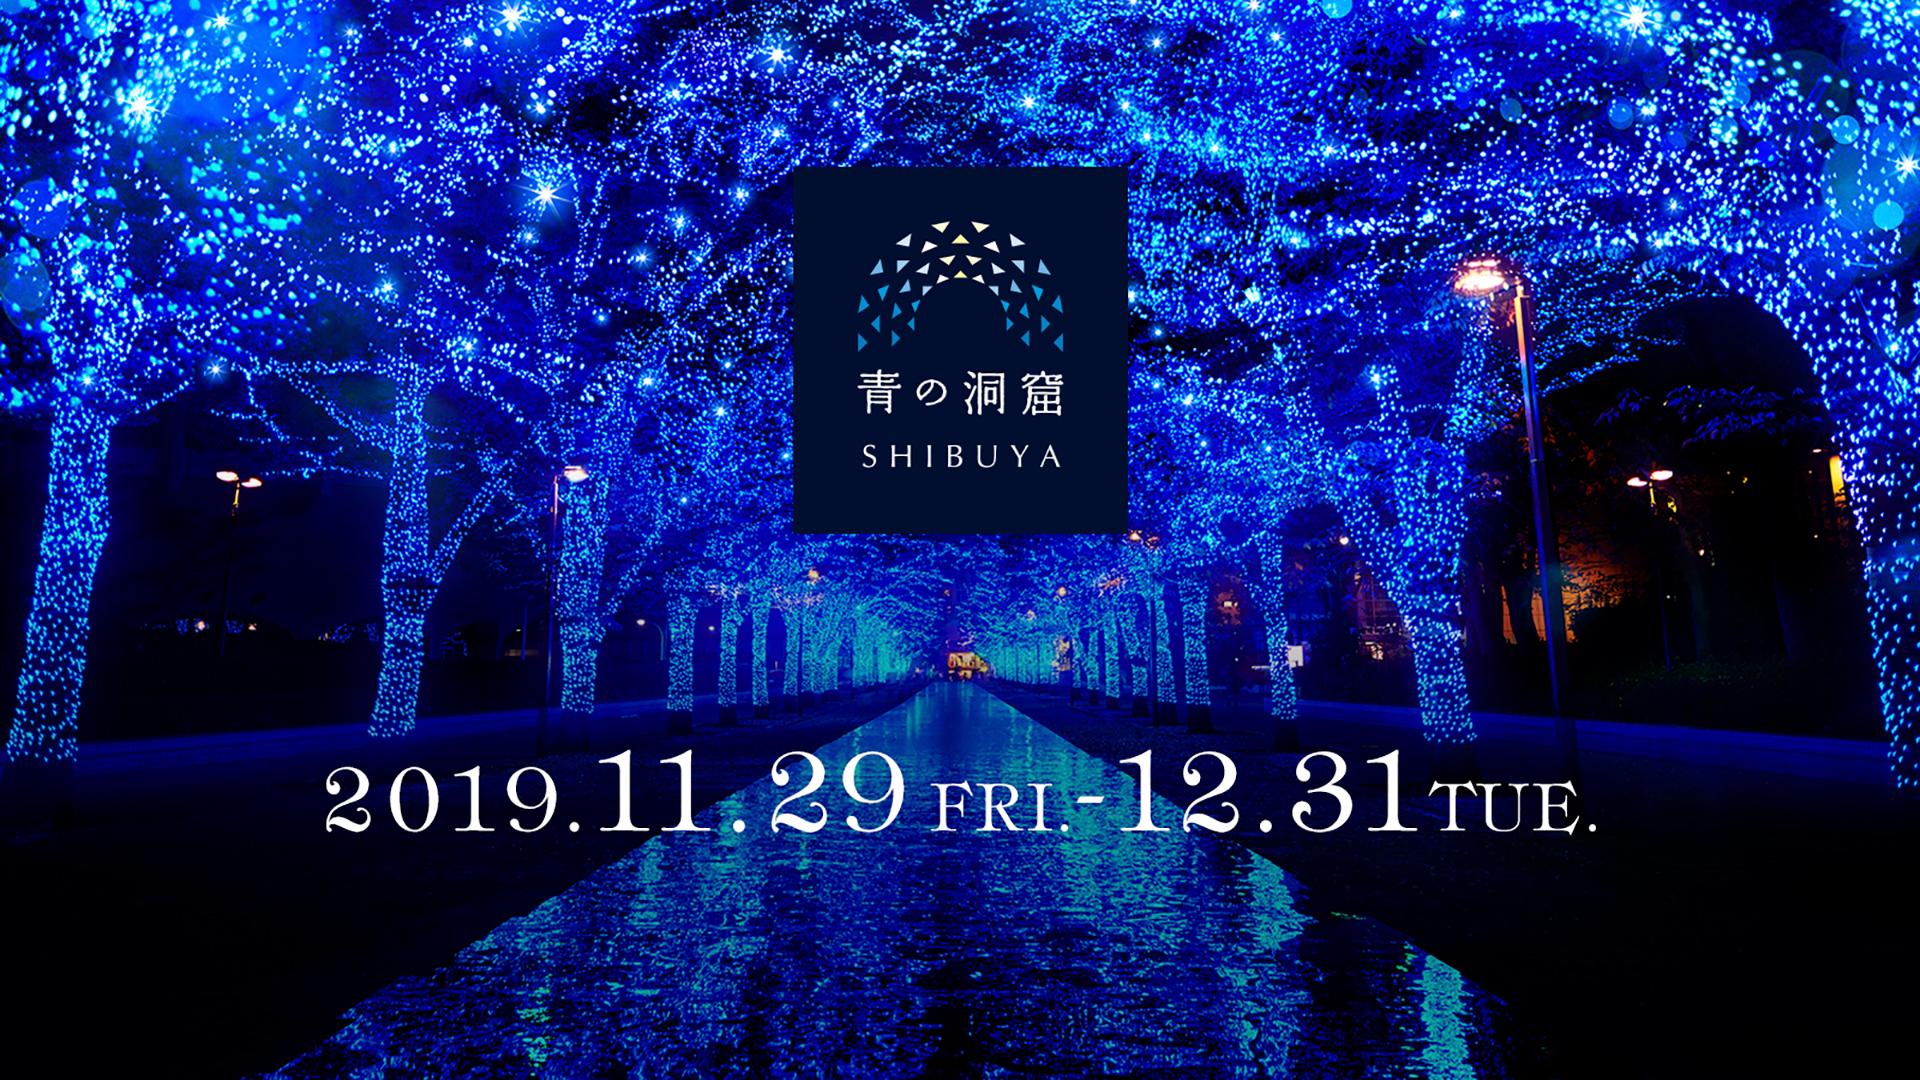 青の洞窟 SHIBUYAバナー